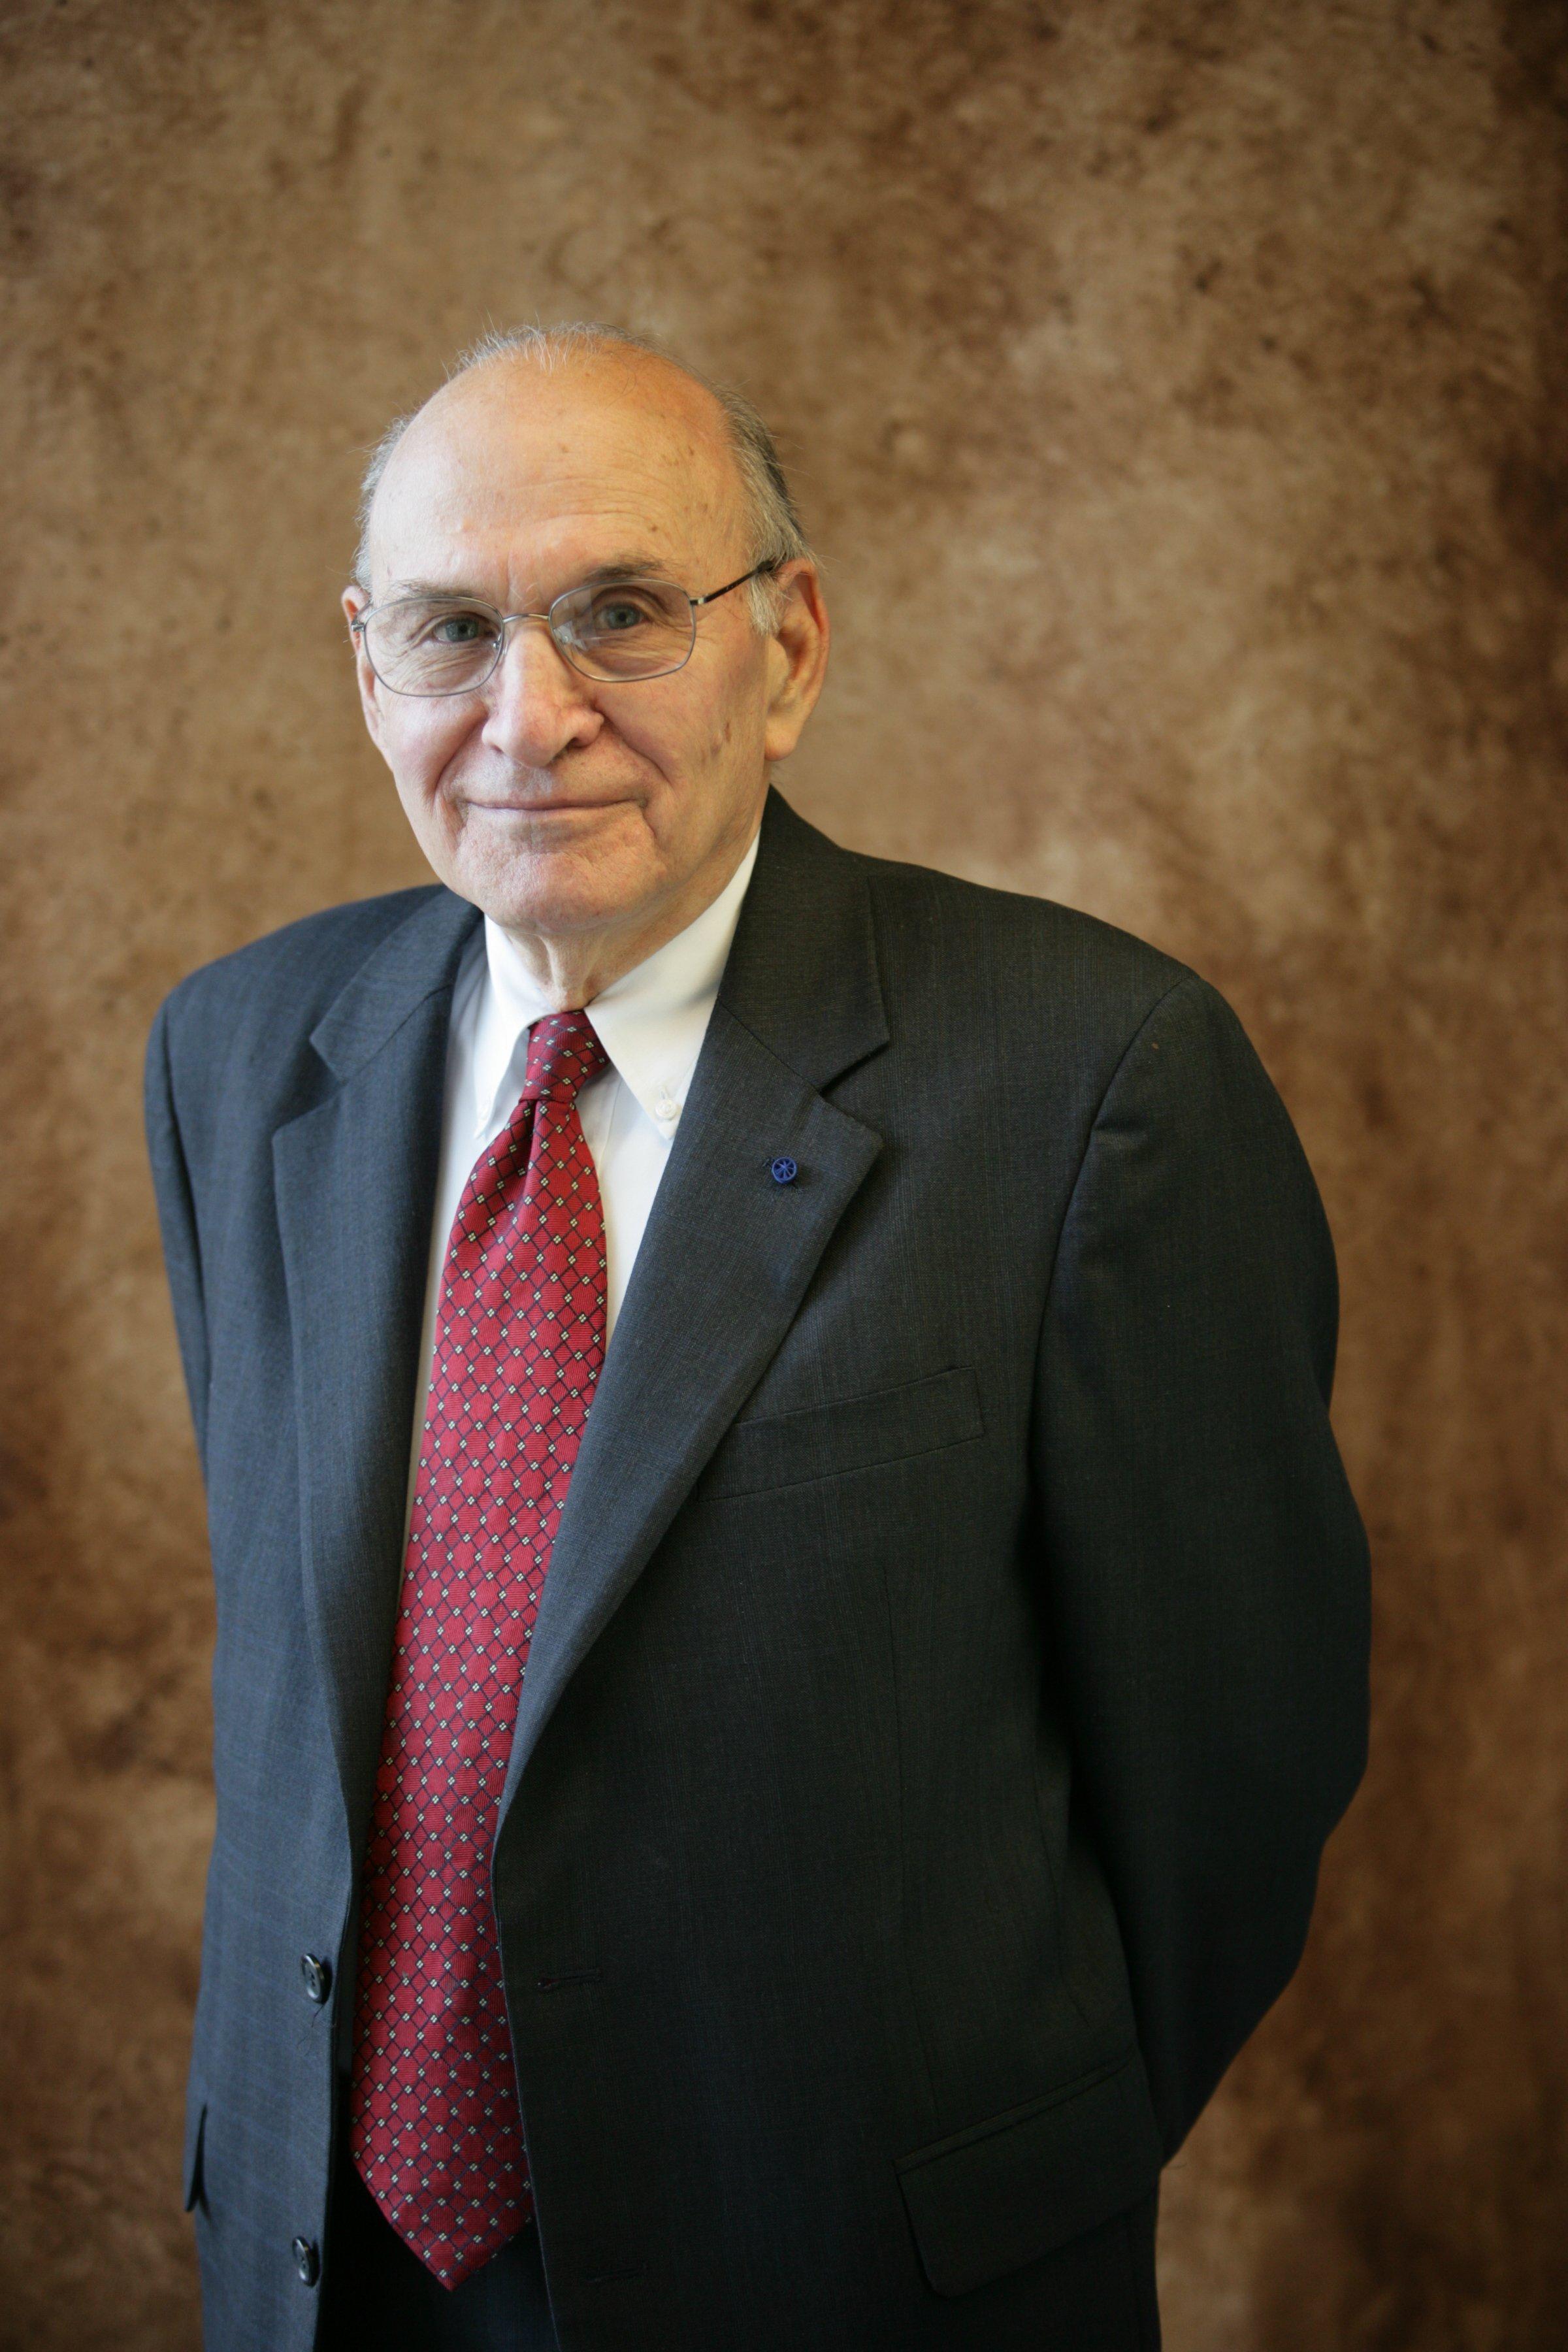 George Dieter